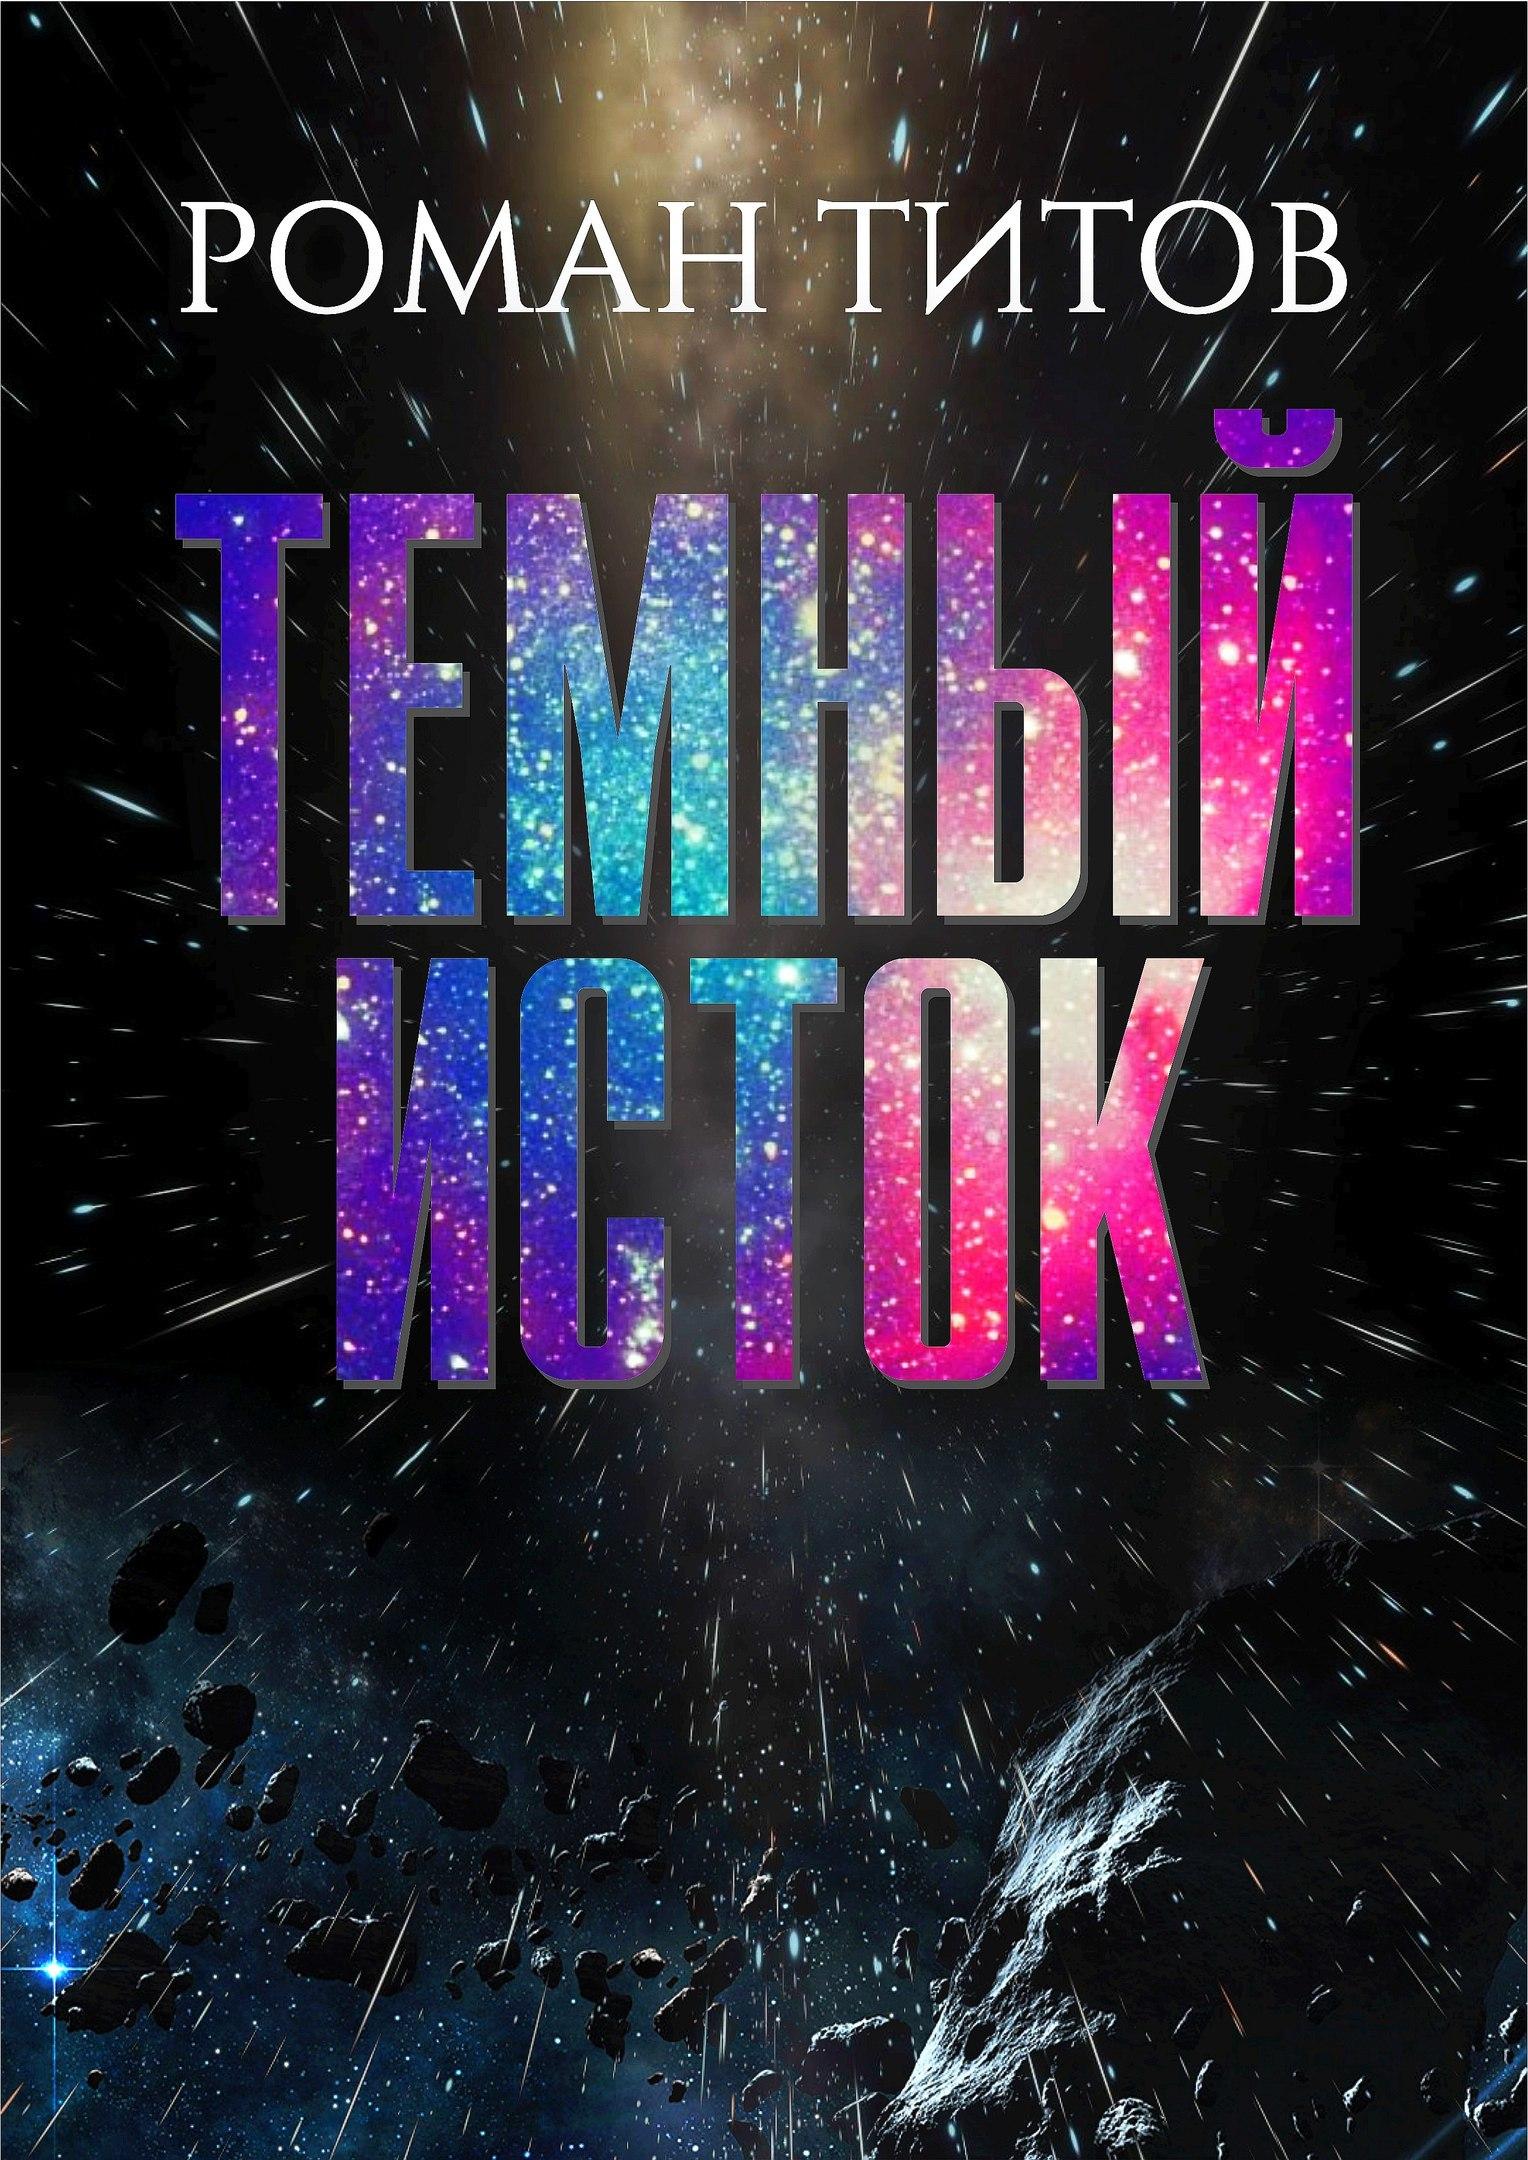 Обложка книги Темный исток, автор Роман Титов